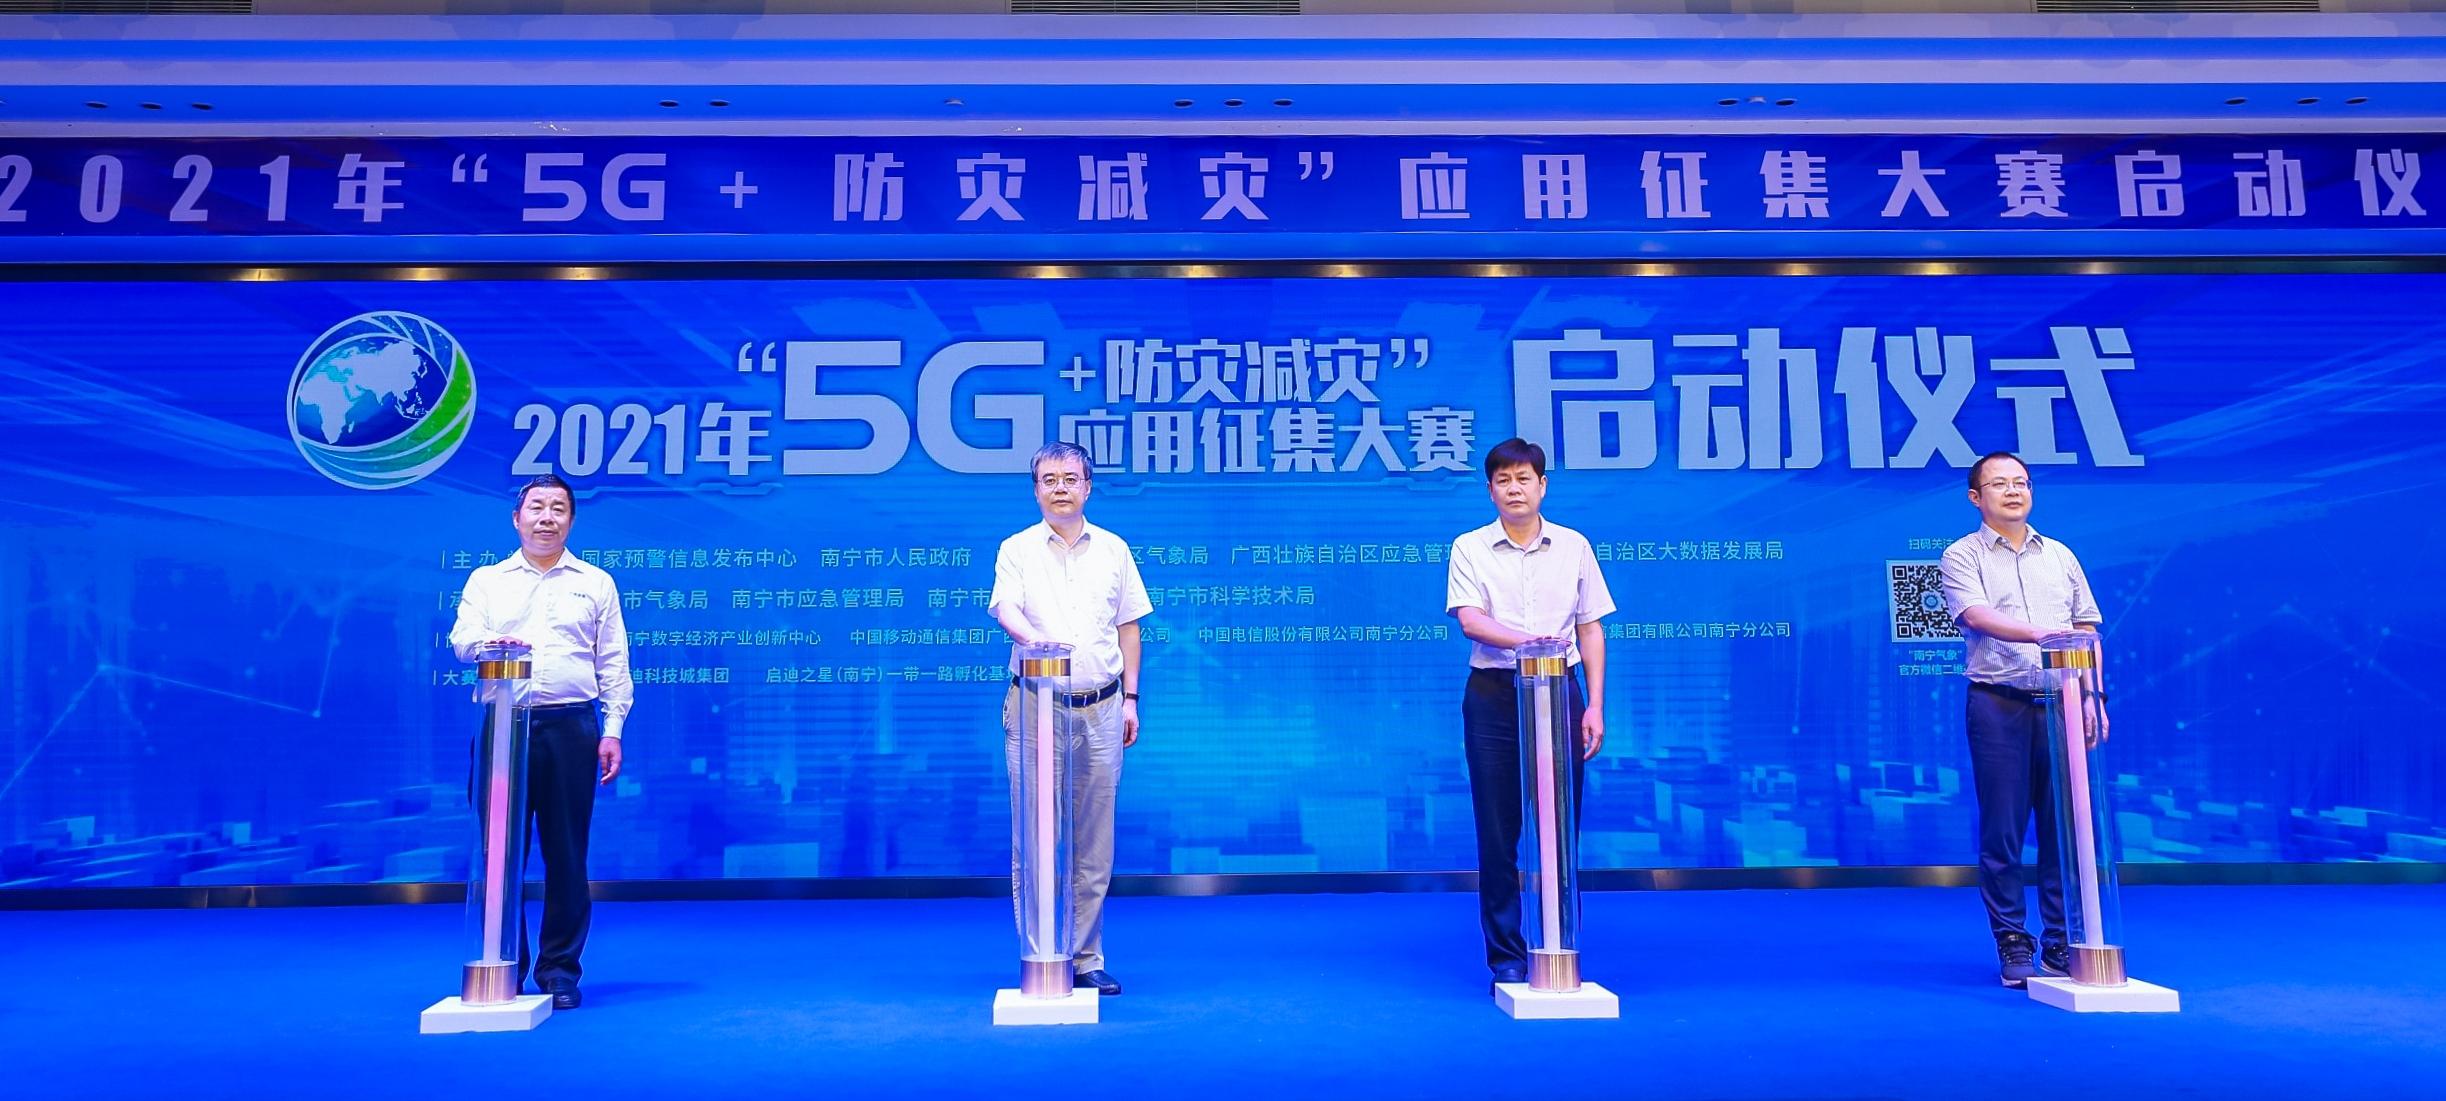 2021年5G应用征集大赛启动,涵盖气象防灾减灾